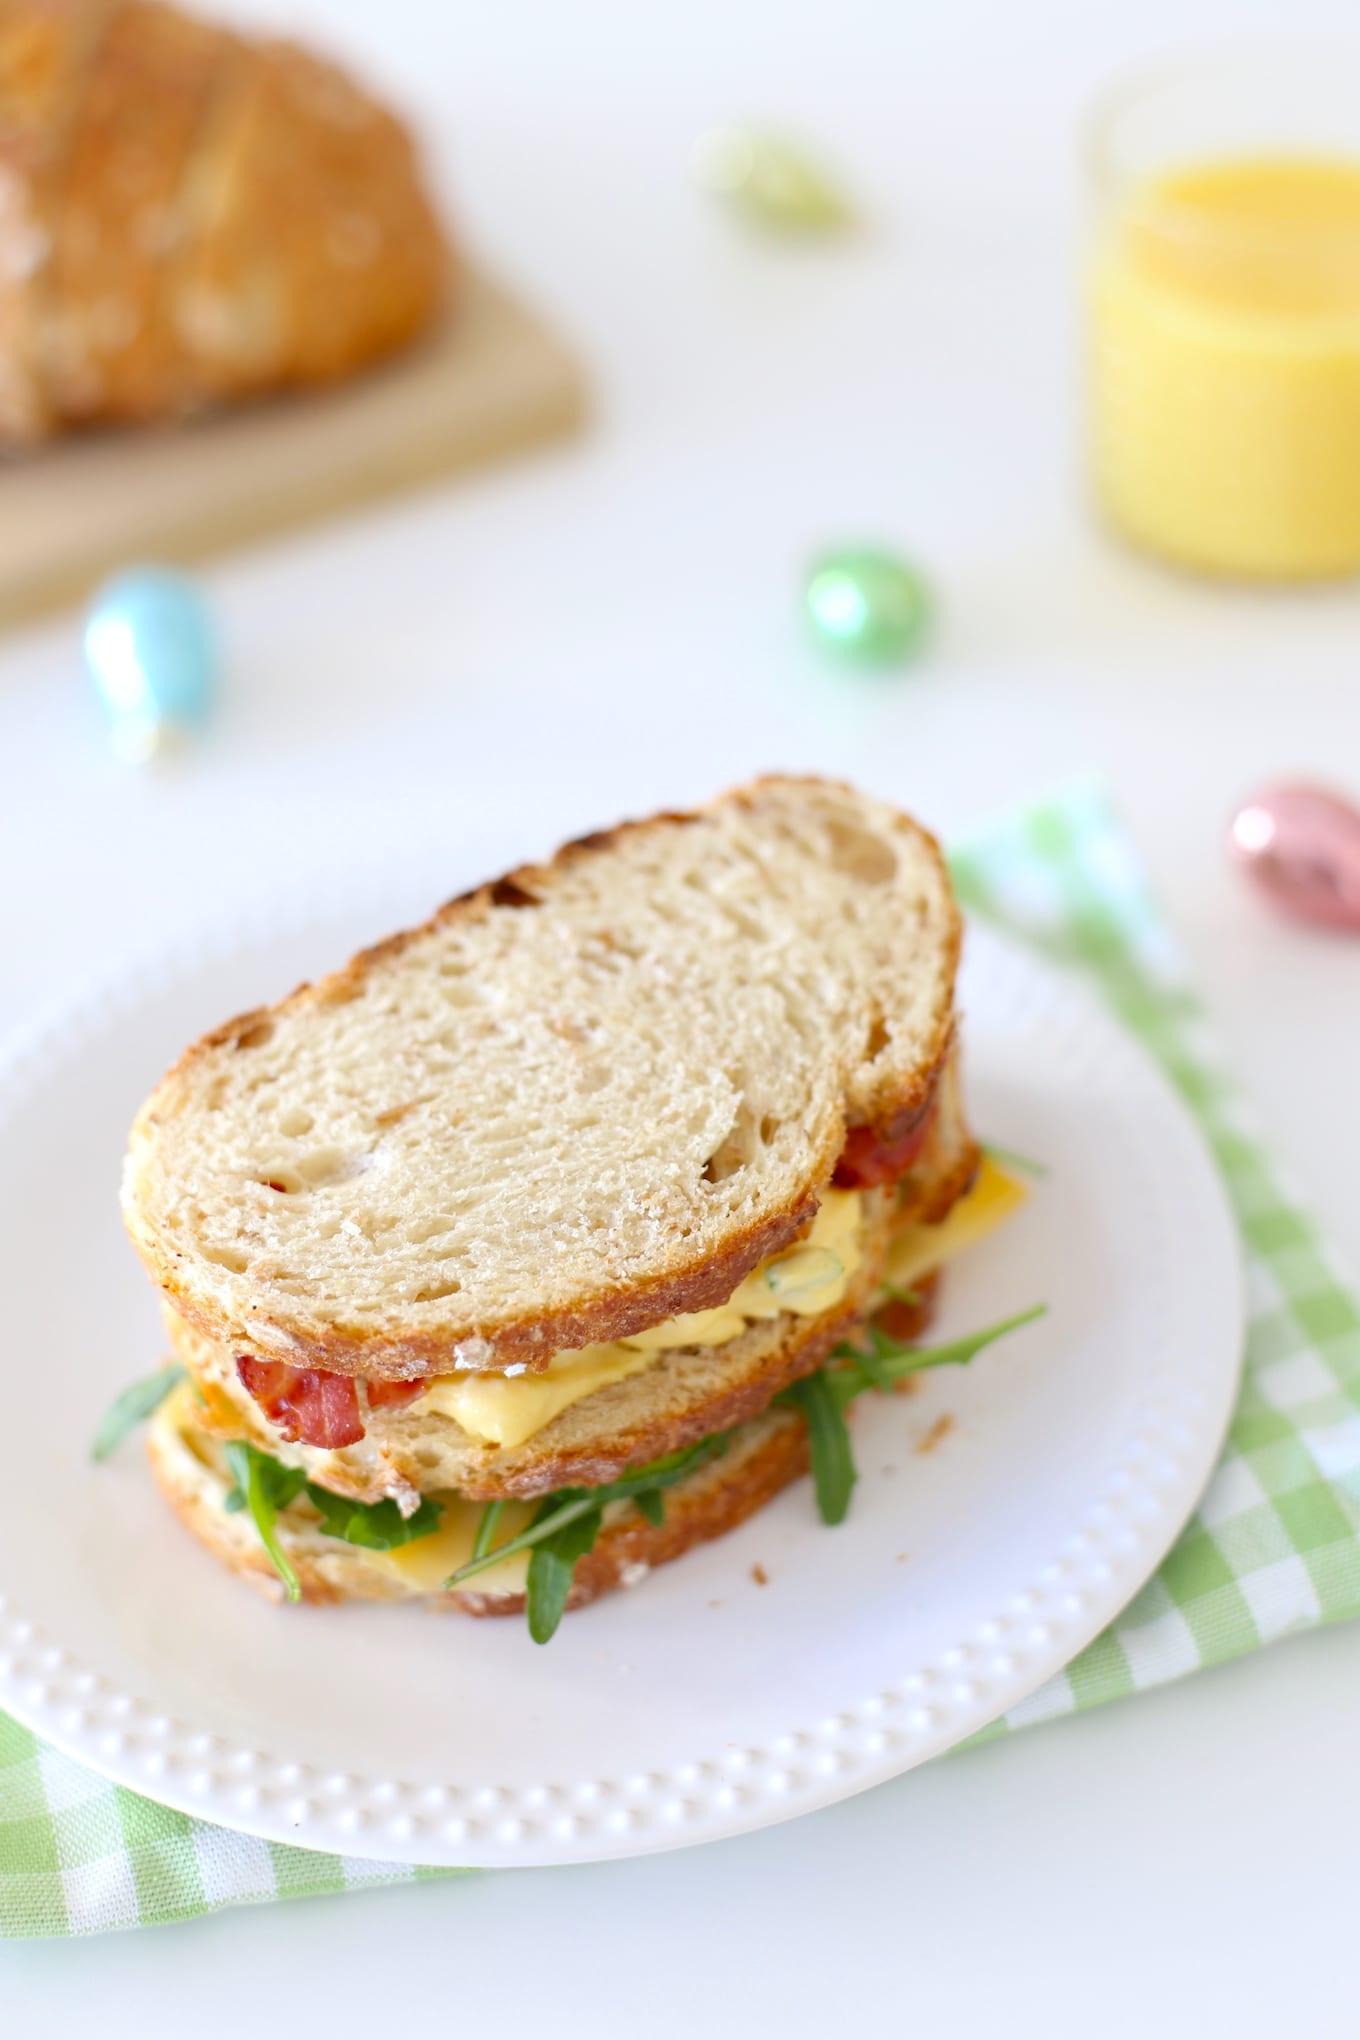 Paasrecept: clubsandwich met eiersalade